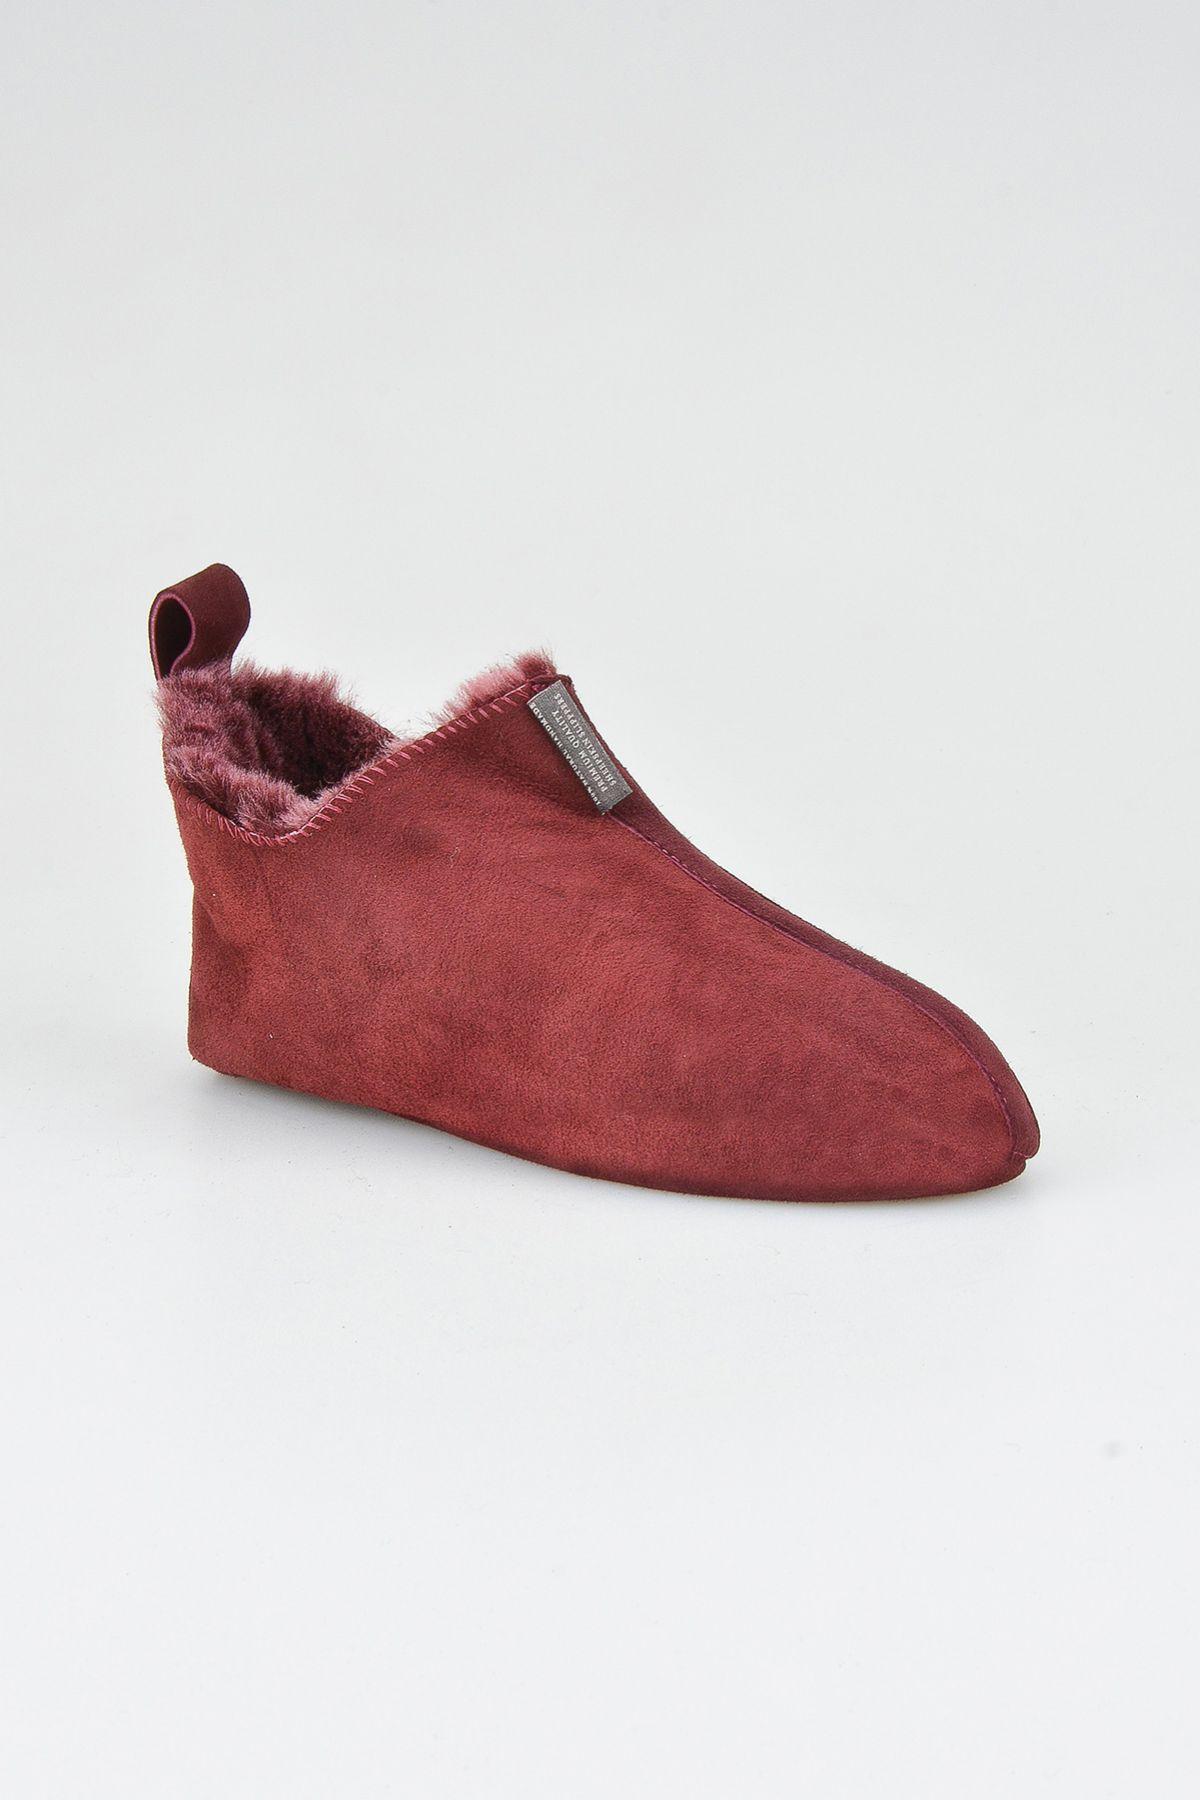 Pegia Hakiki Süet İçi Kürk Bayan Ev Ayakkabısı 191094 Bordo